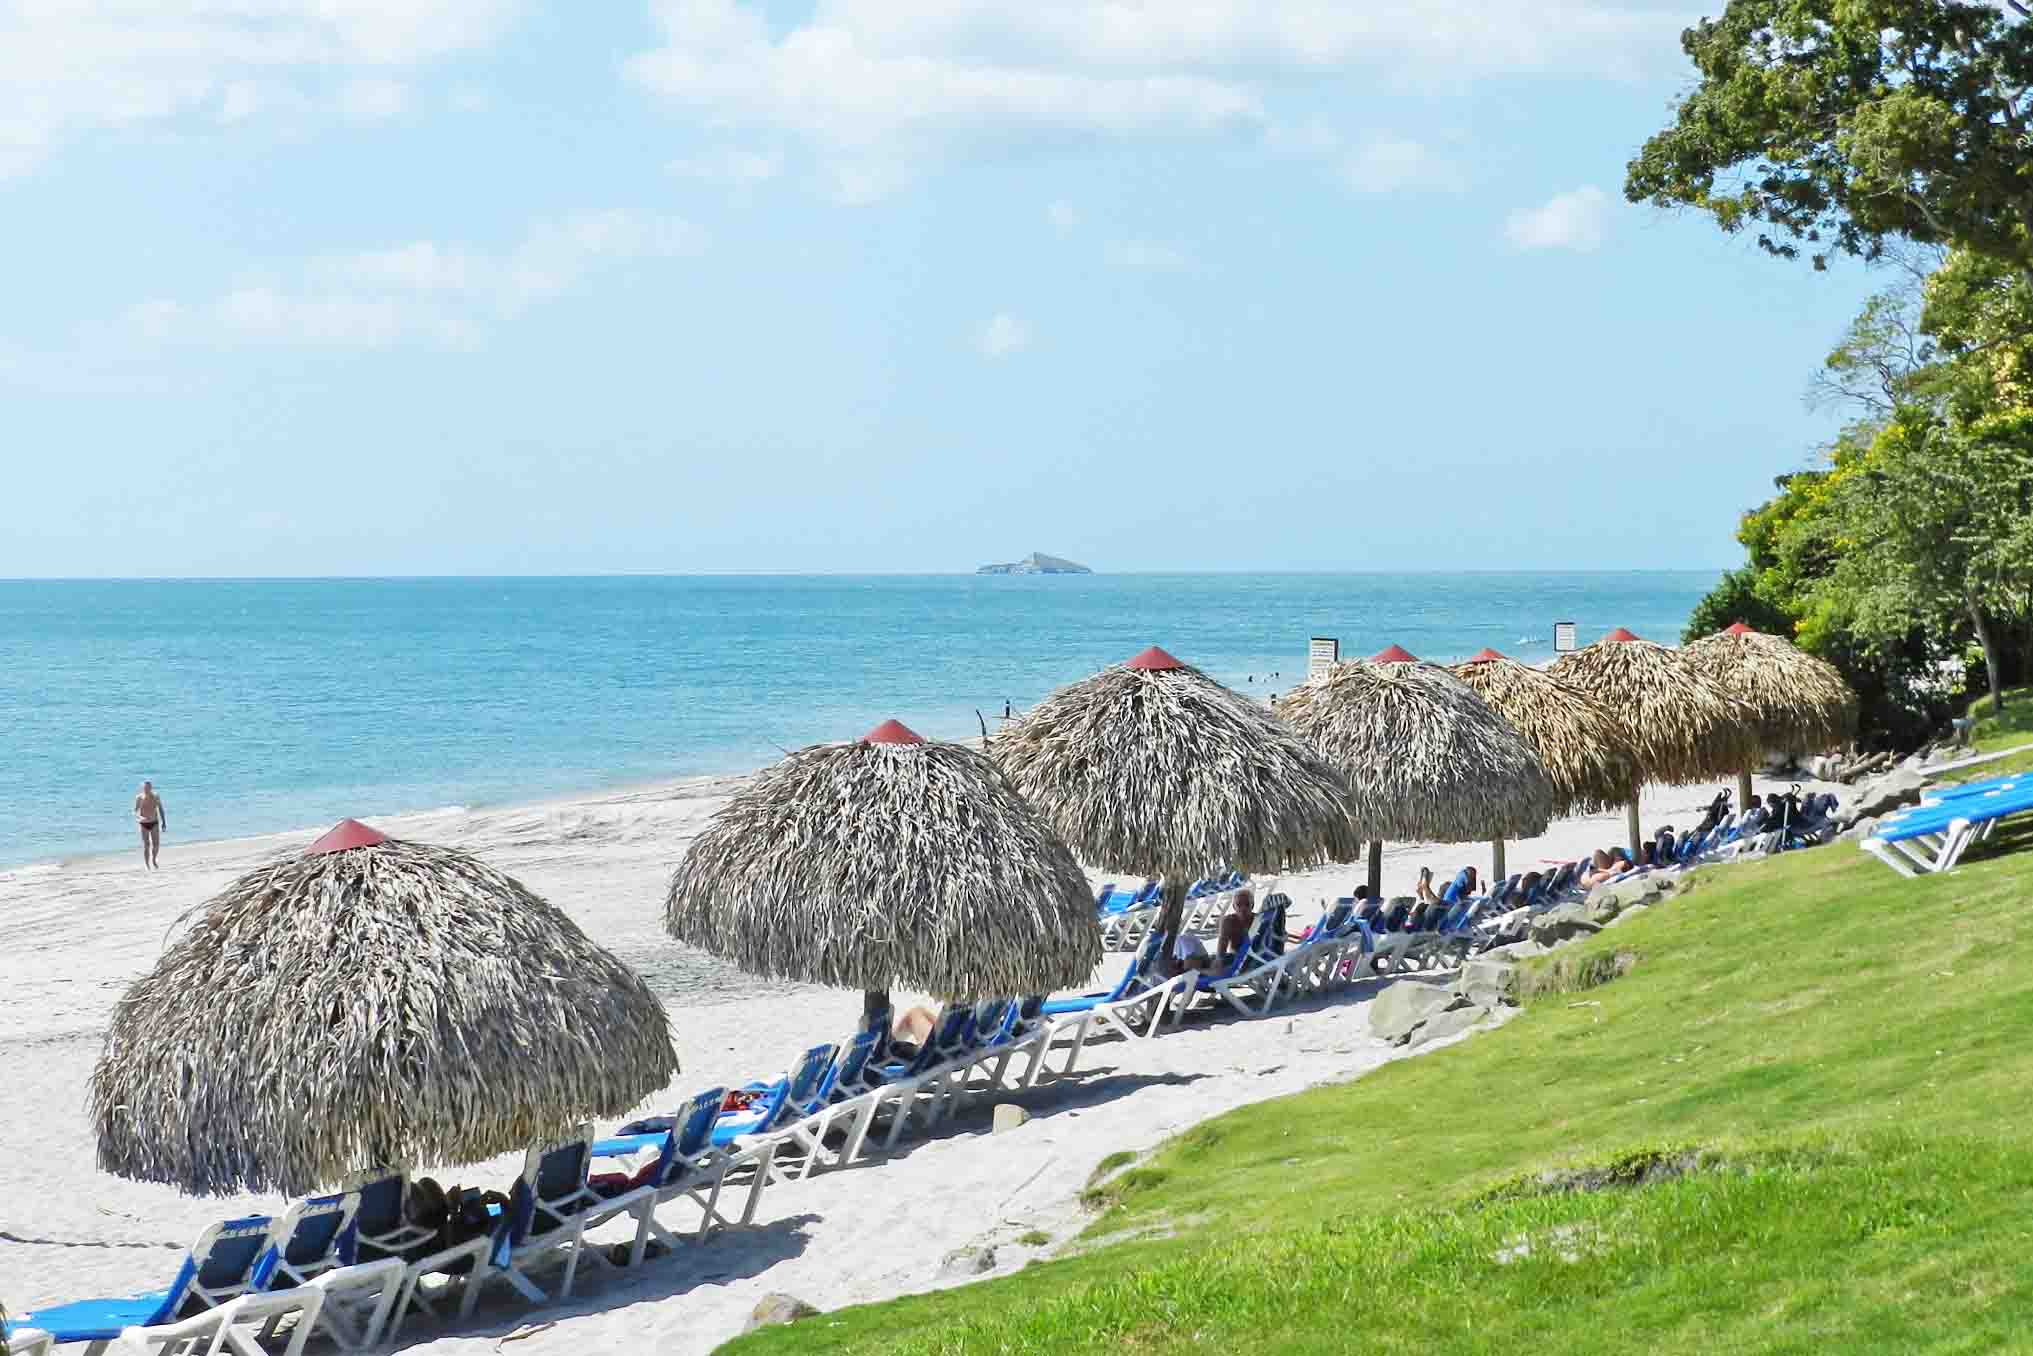 Praia de Santa Clara - praia bonita no Panamá